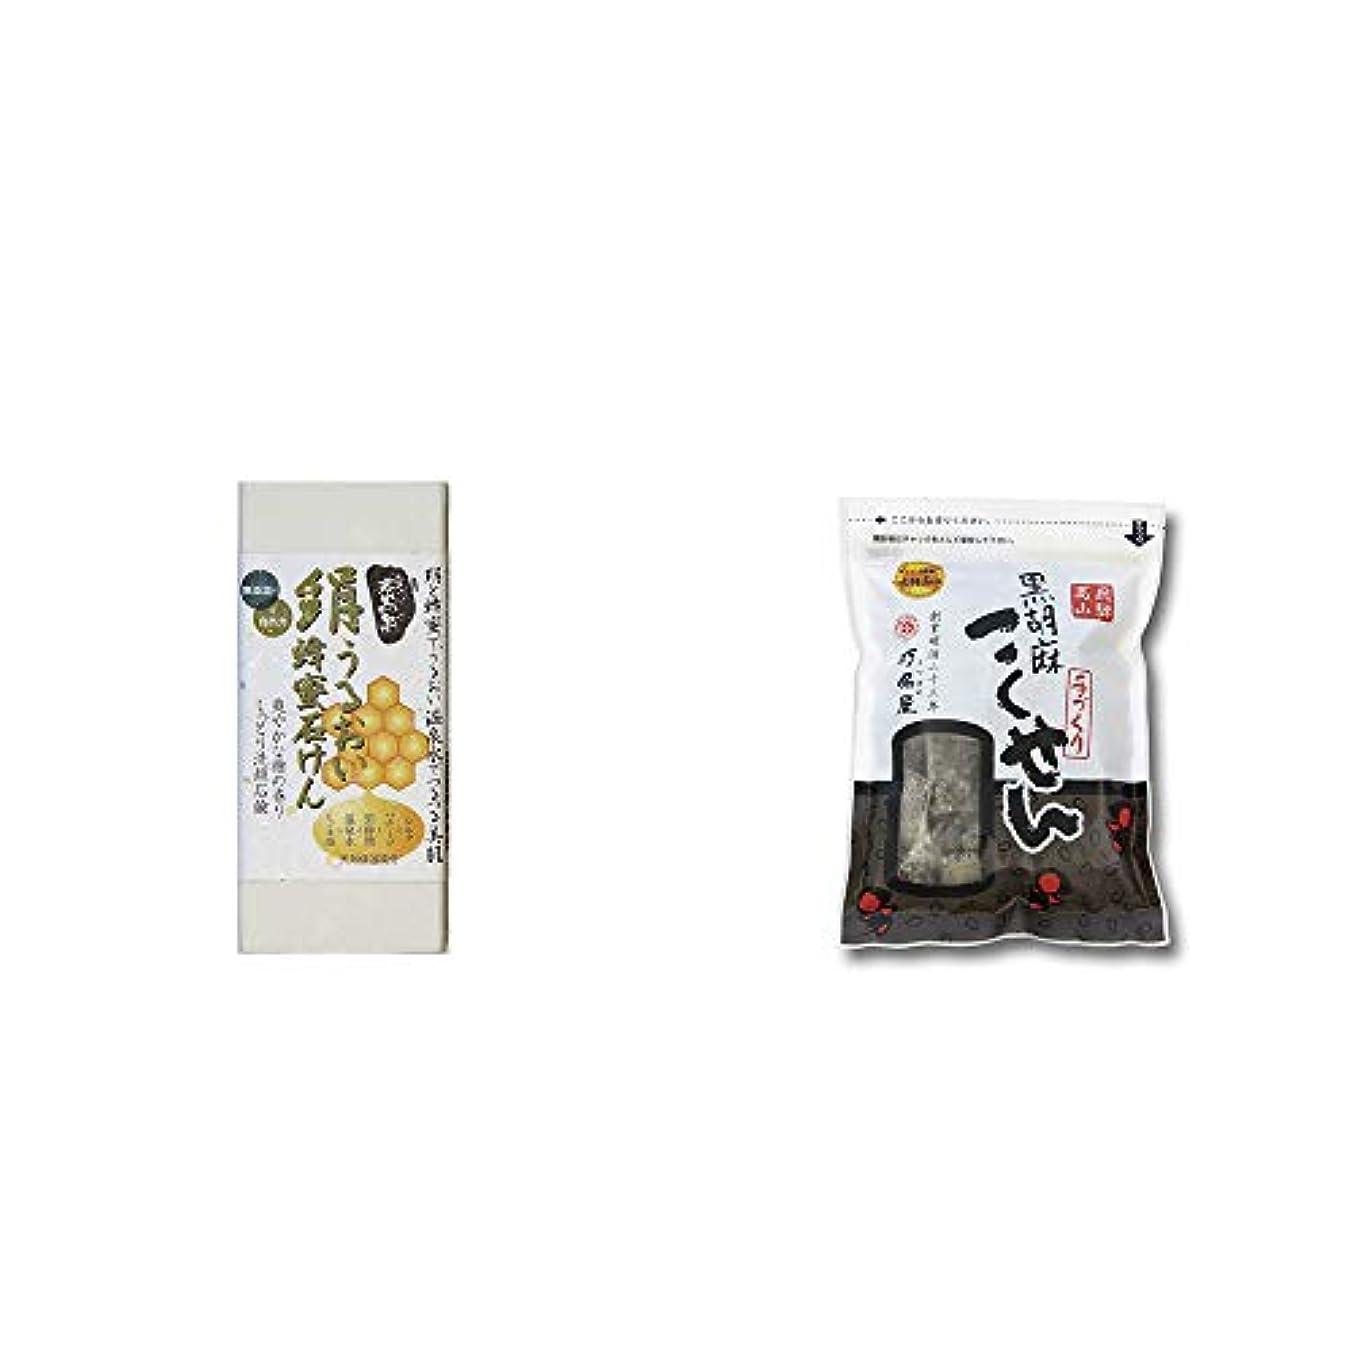 語コンクリートお酒[2点セット] ひのき炭黒泉 絹うるおい蜂蜜石けん(75g×2)?飛騨 打保屋 駄菓子 げんこつきなこ(250g)